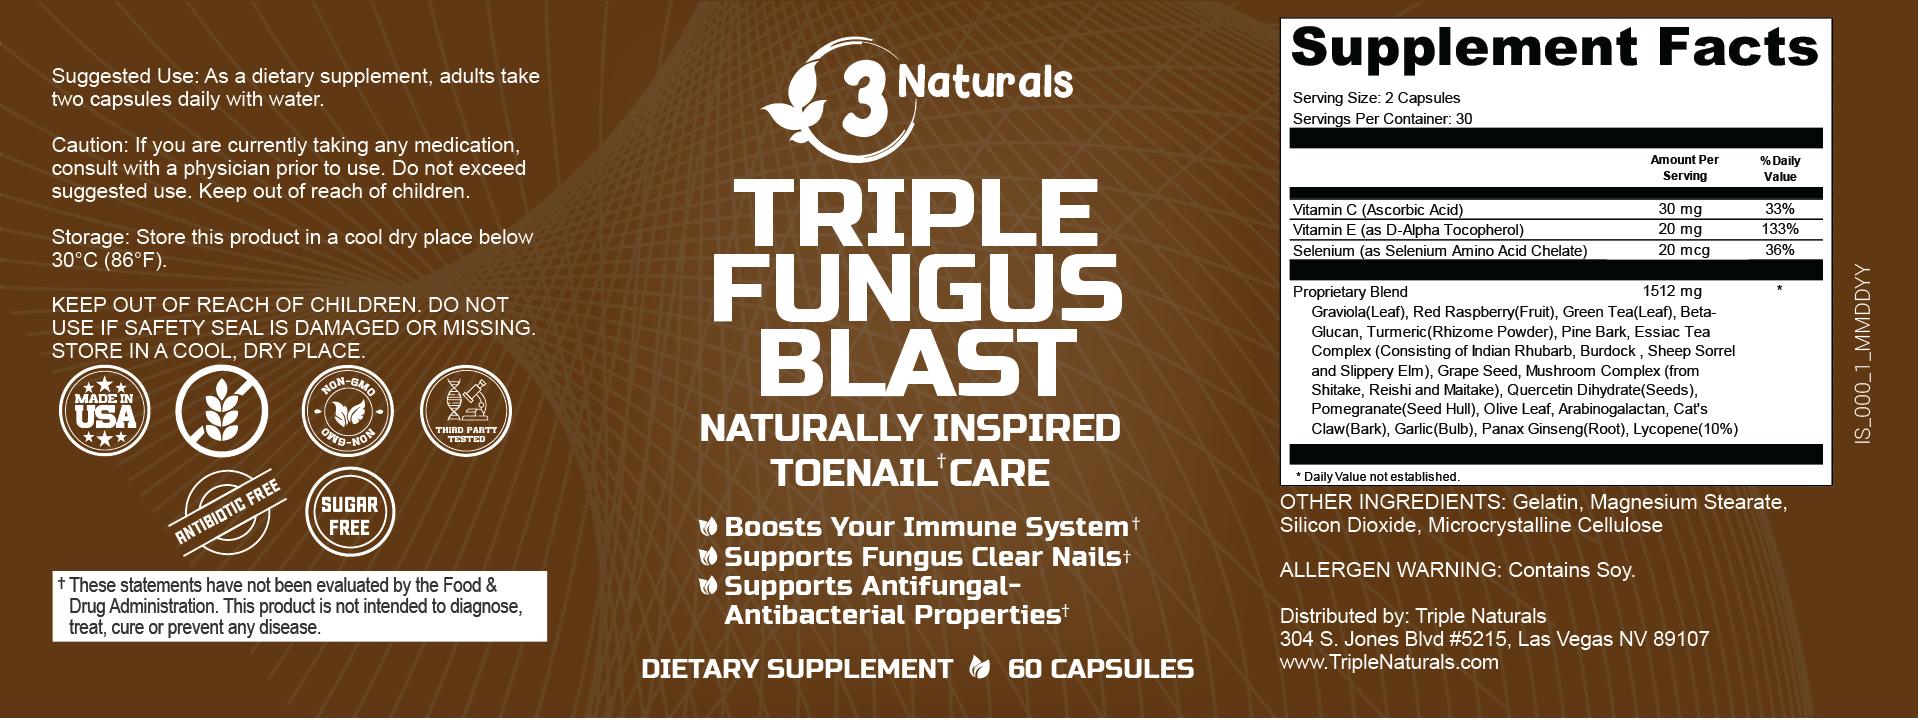 Triple Fungus Blast Ingredients Label